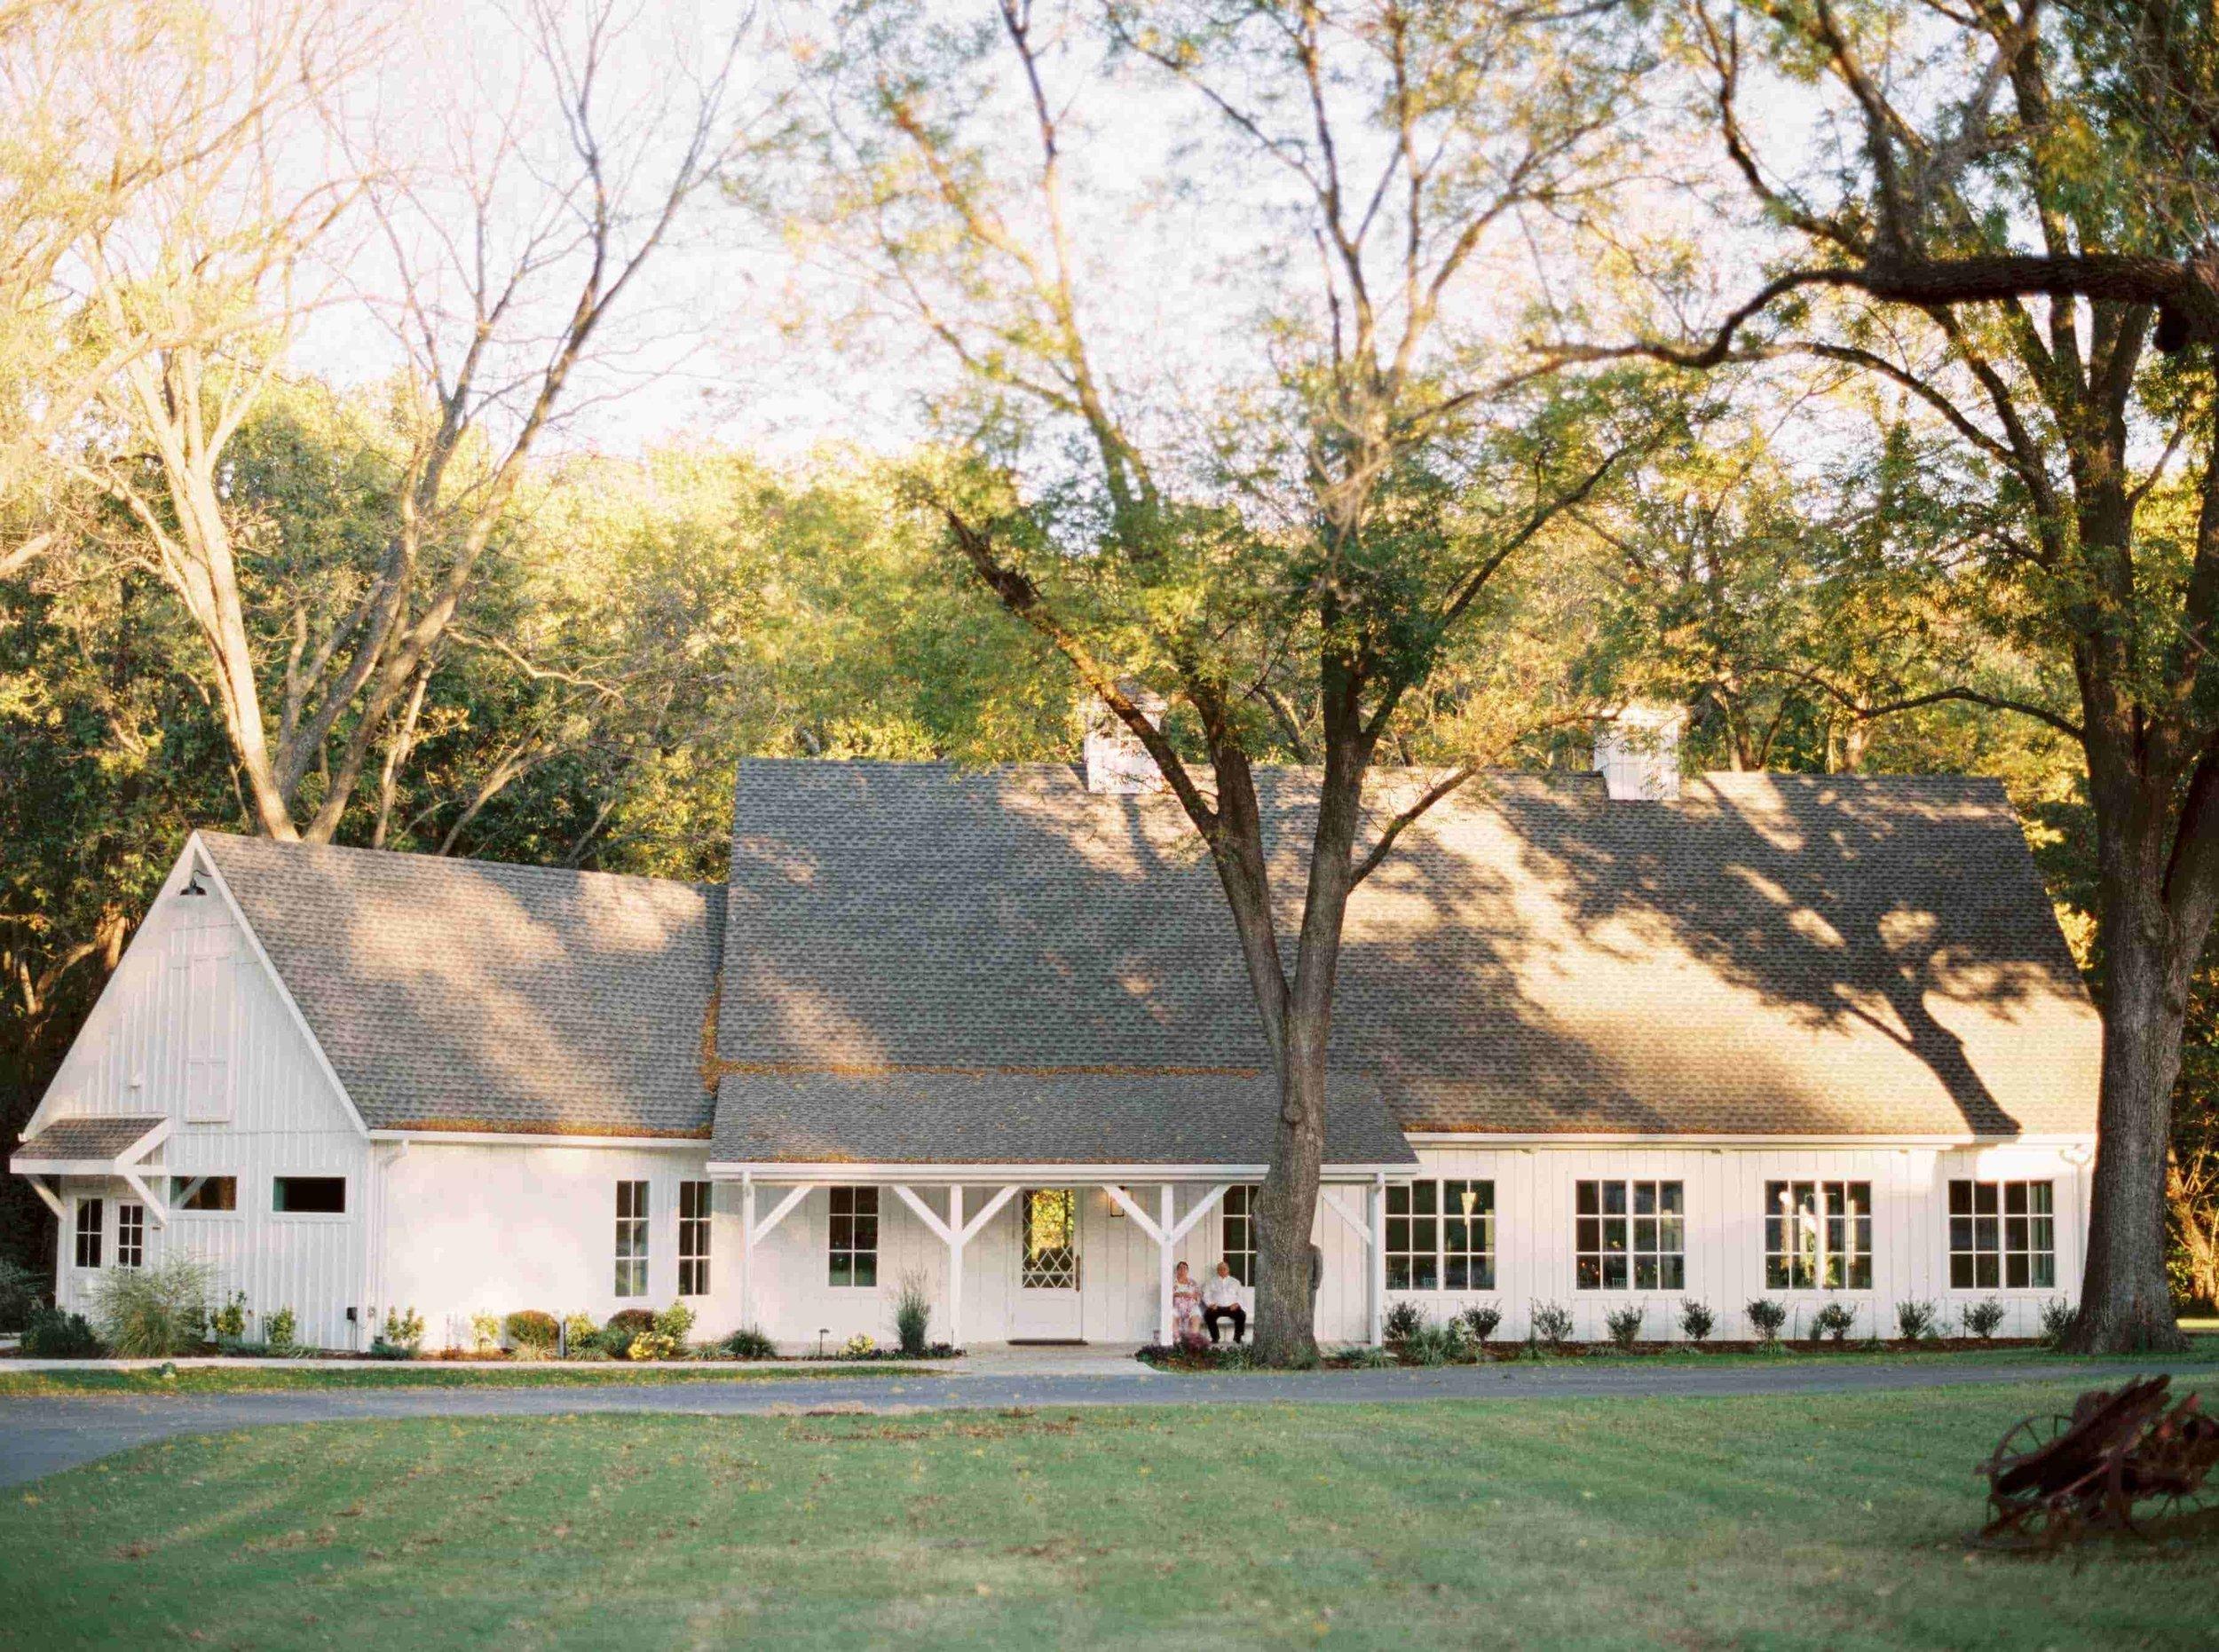 White Barn in October